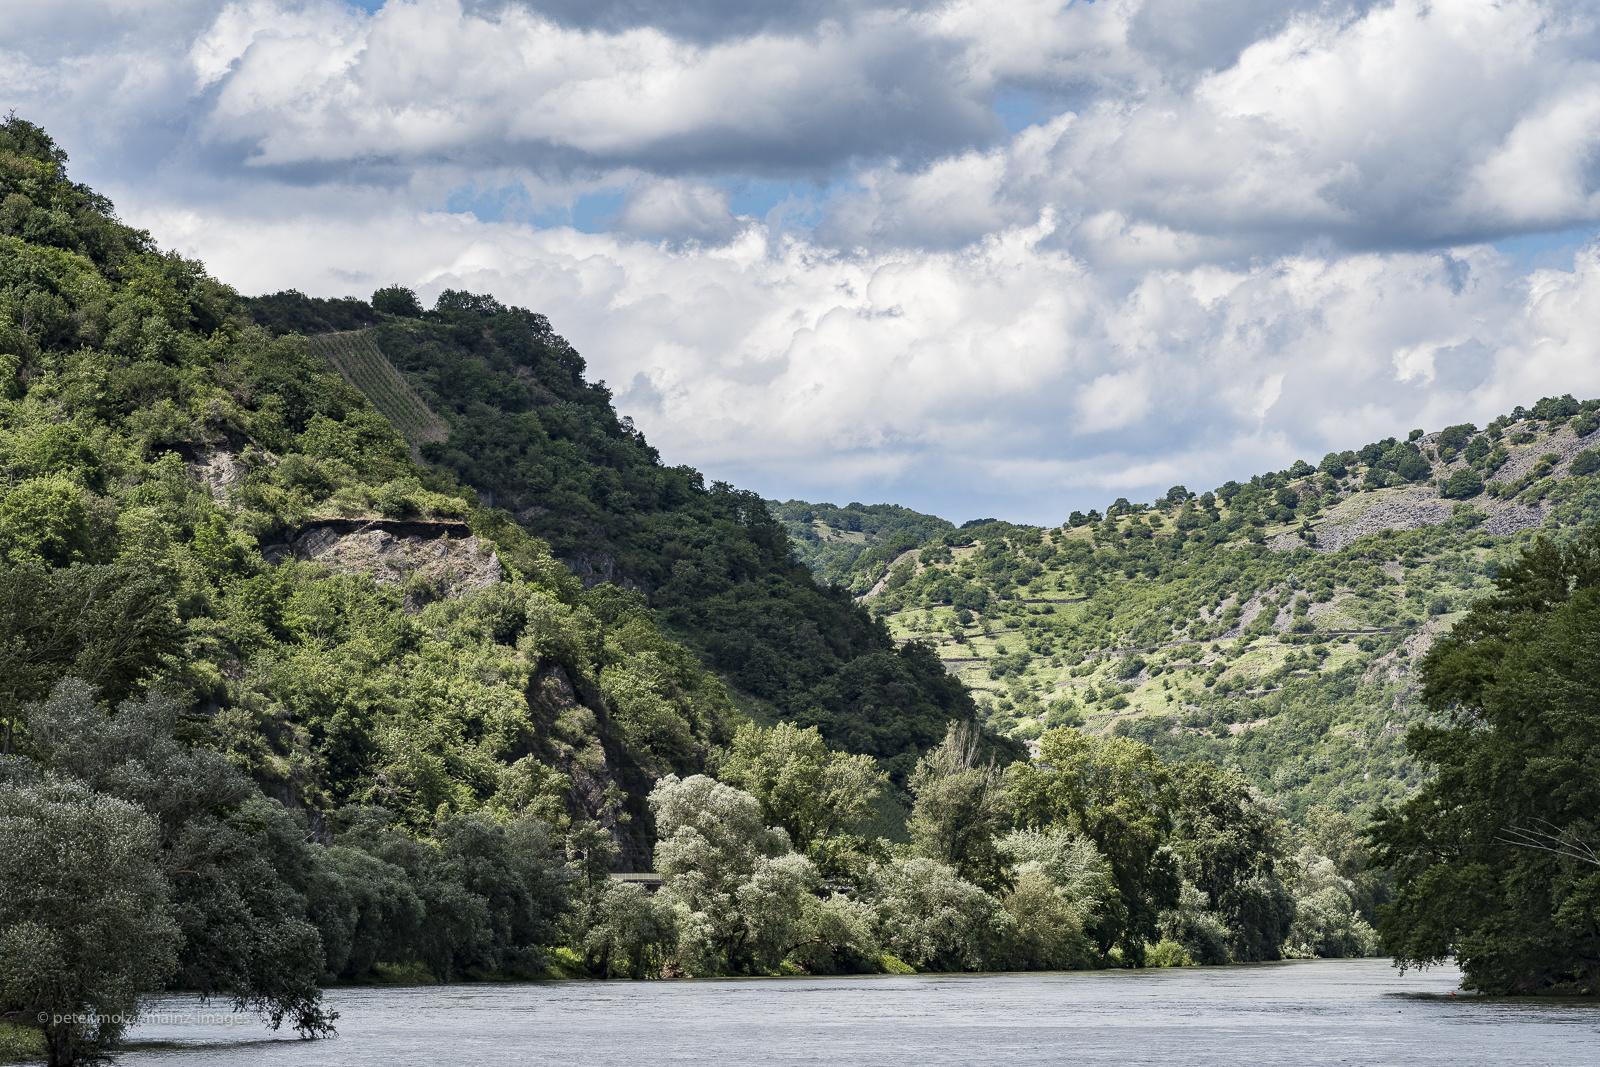 Landschaft bei Bacharach - Unterwegs im oberen Mittelrheintal